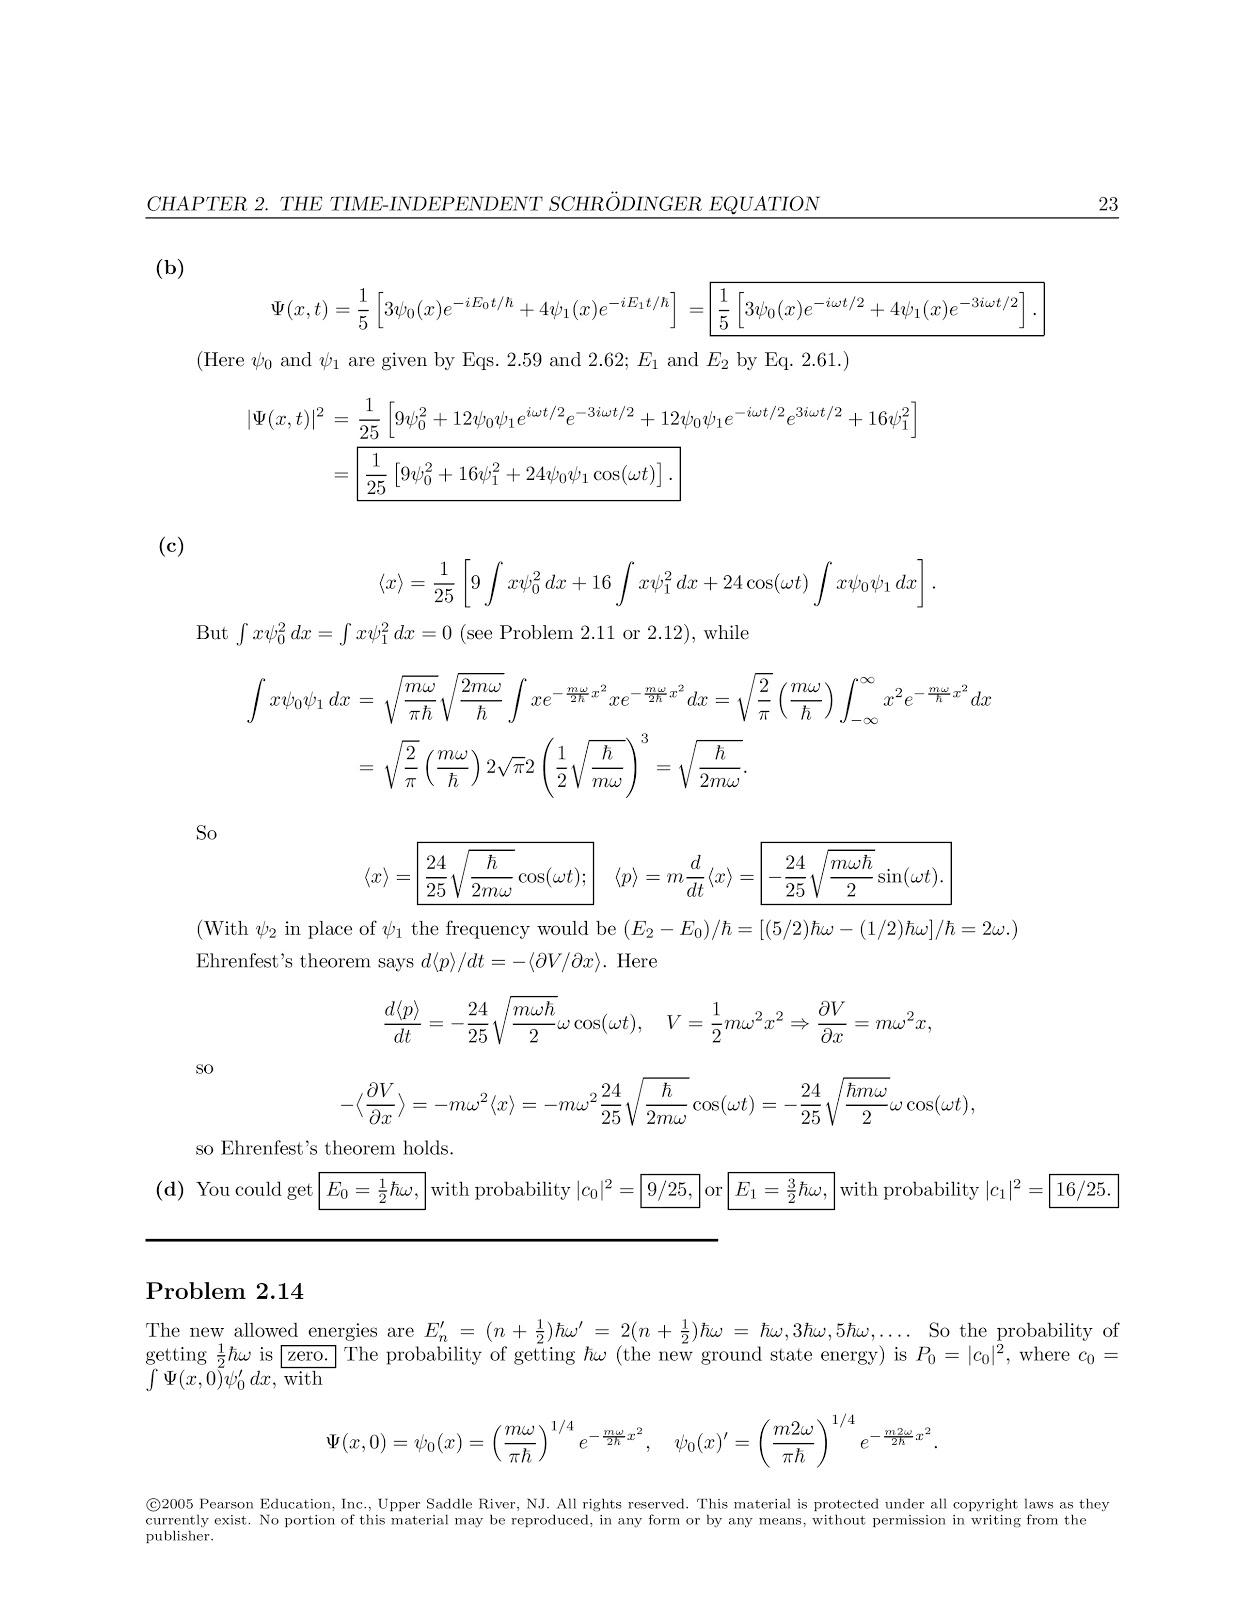 mq griffiths d j introduction to quantum mechanics solutions rh ajcc mq  blogspot com quantum mechanics david griffiths solutions quantum mechanics  griffiths ...